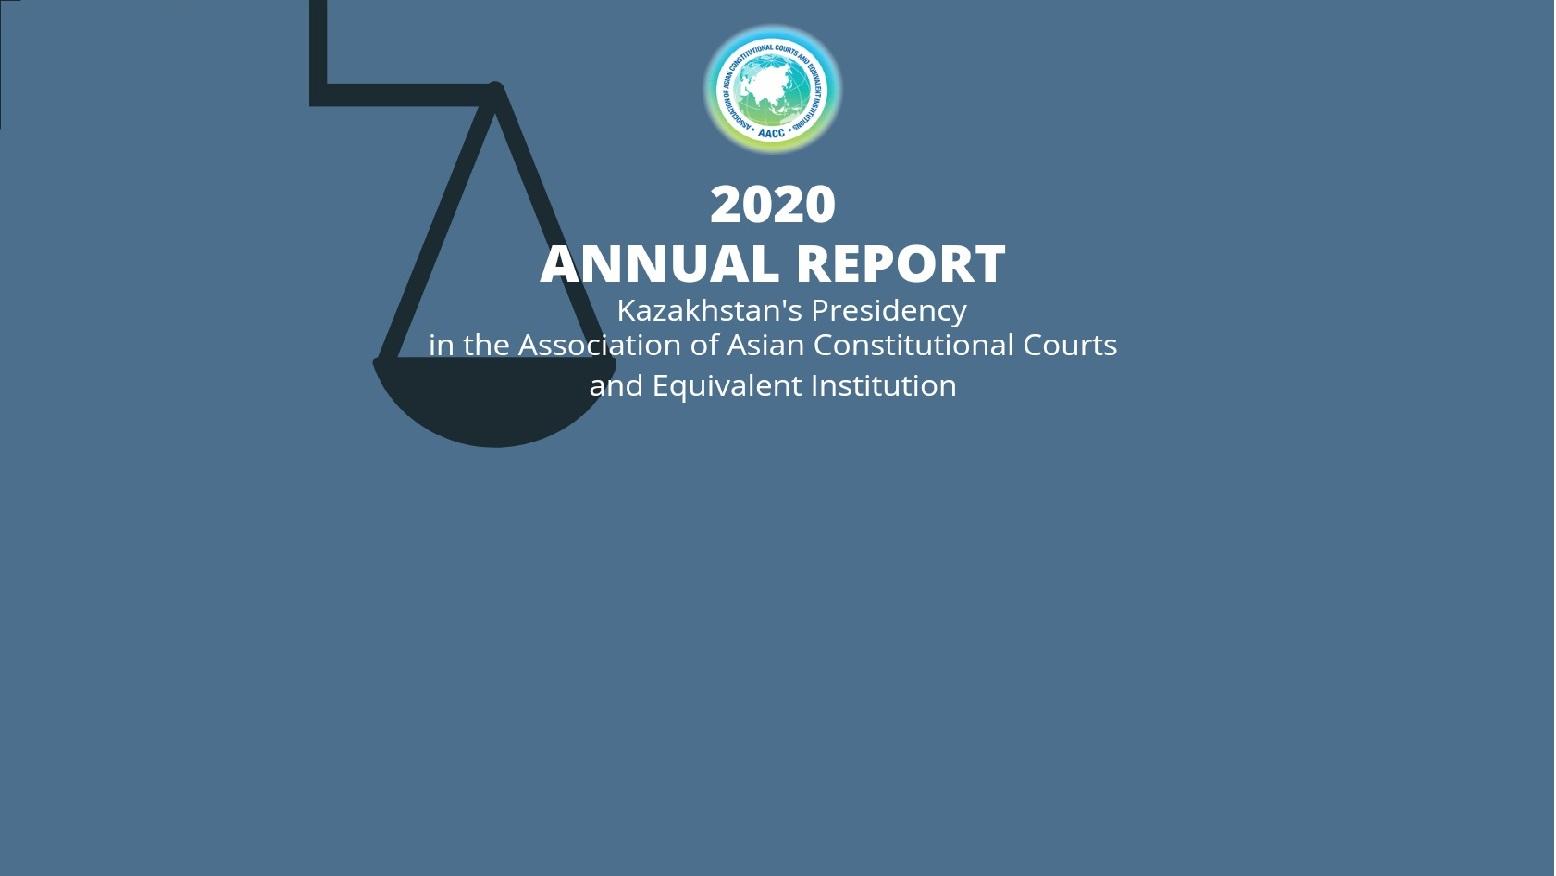 Annual Report 2020 - Kazakhstan's Presidency in the AACC